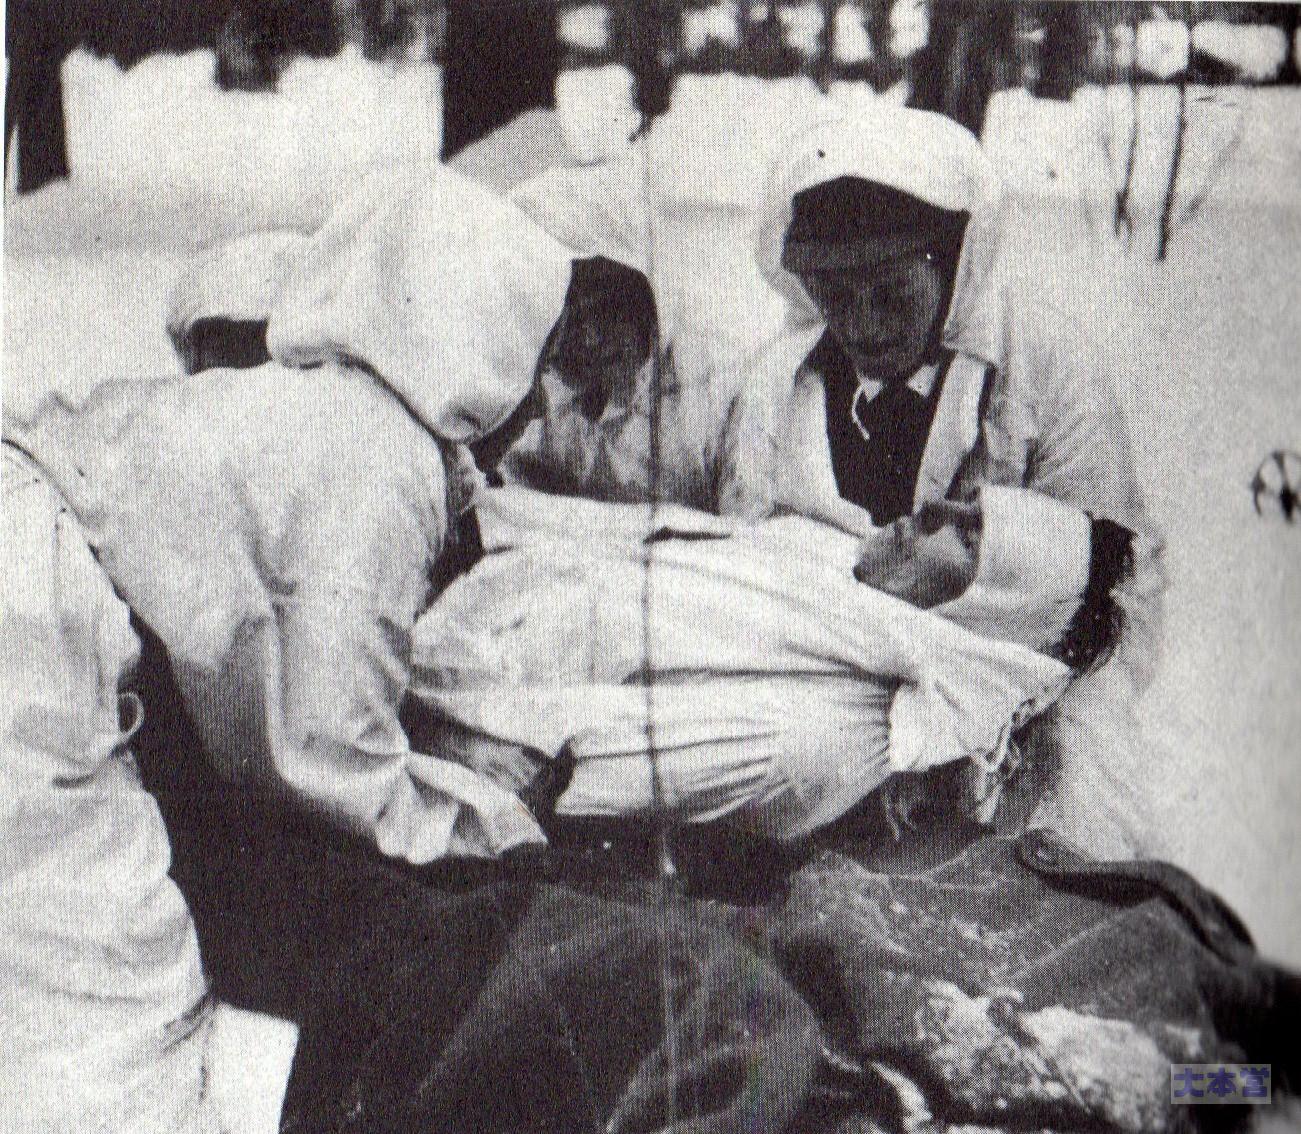 昭和初期の全裸 負傷兵を搬送するロッタ